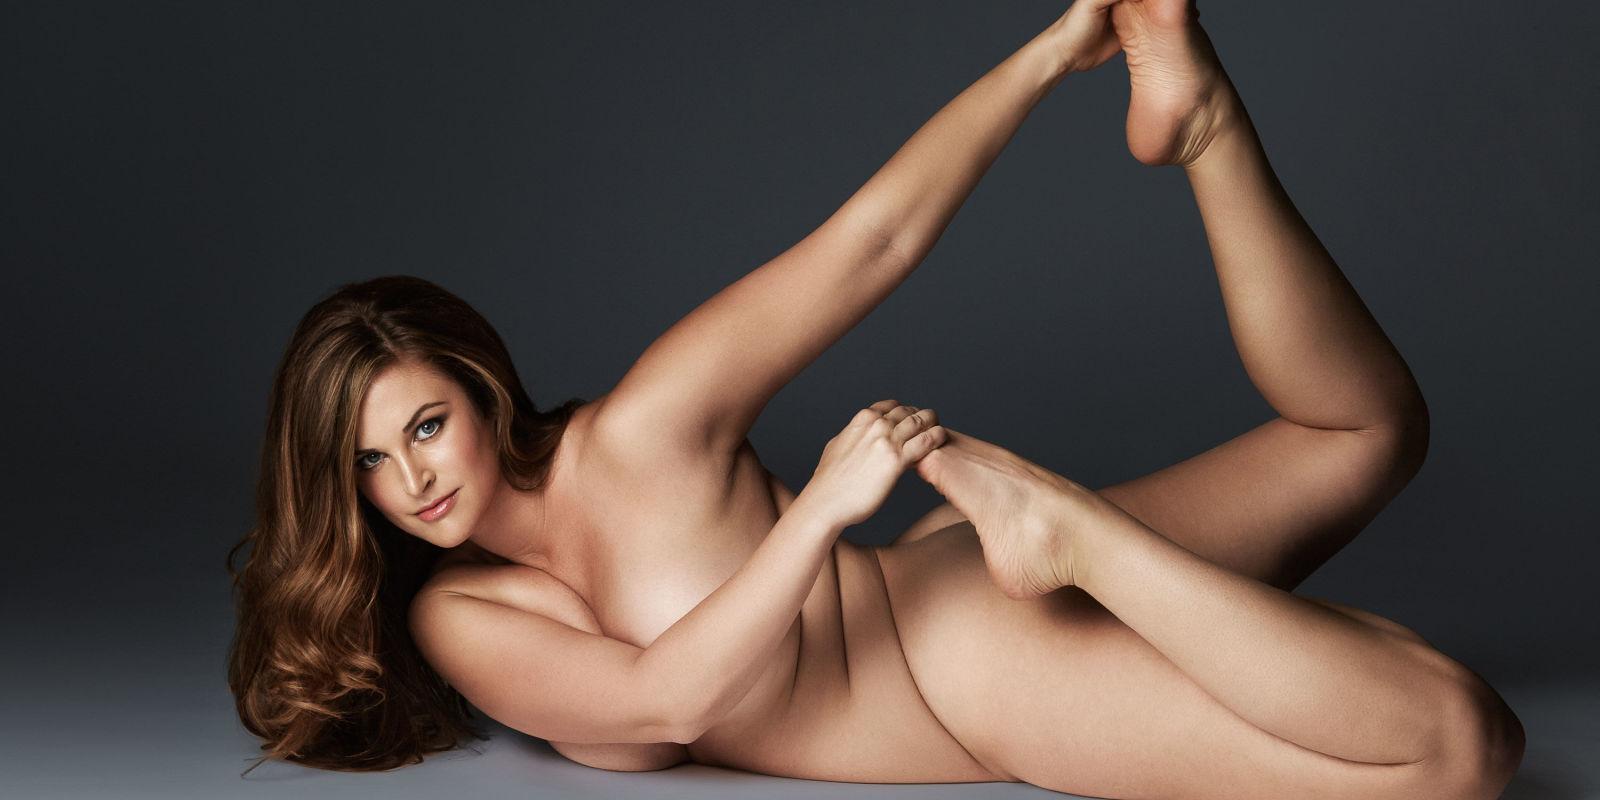 plus size women bottom nude